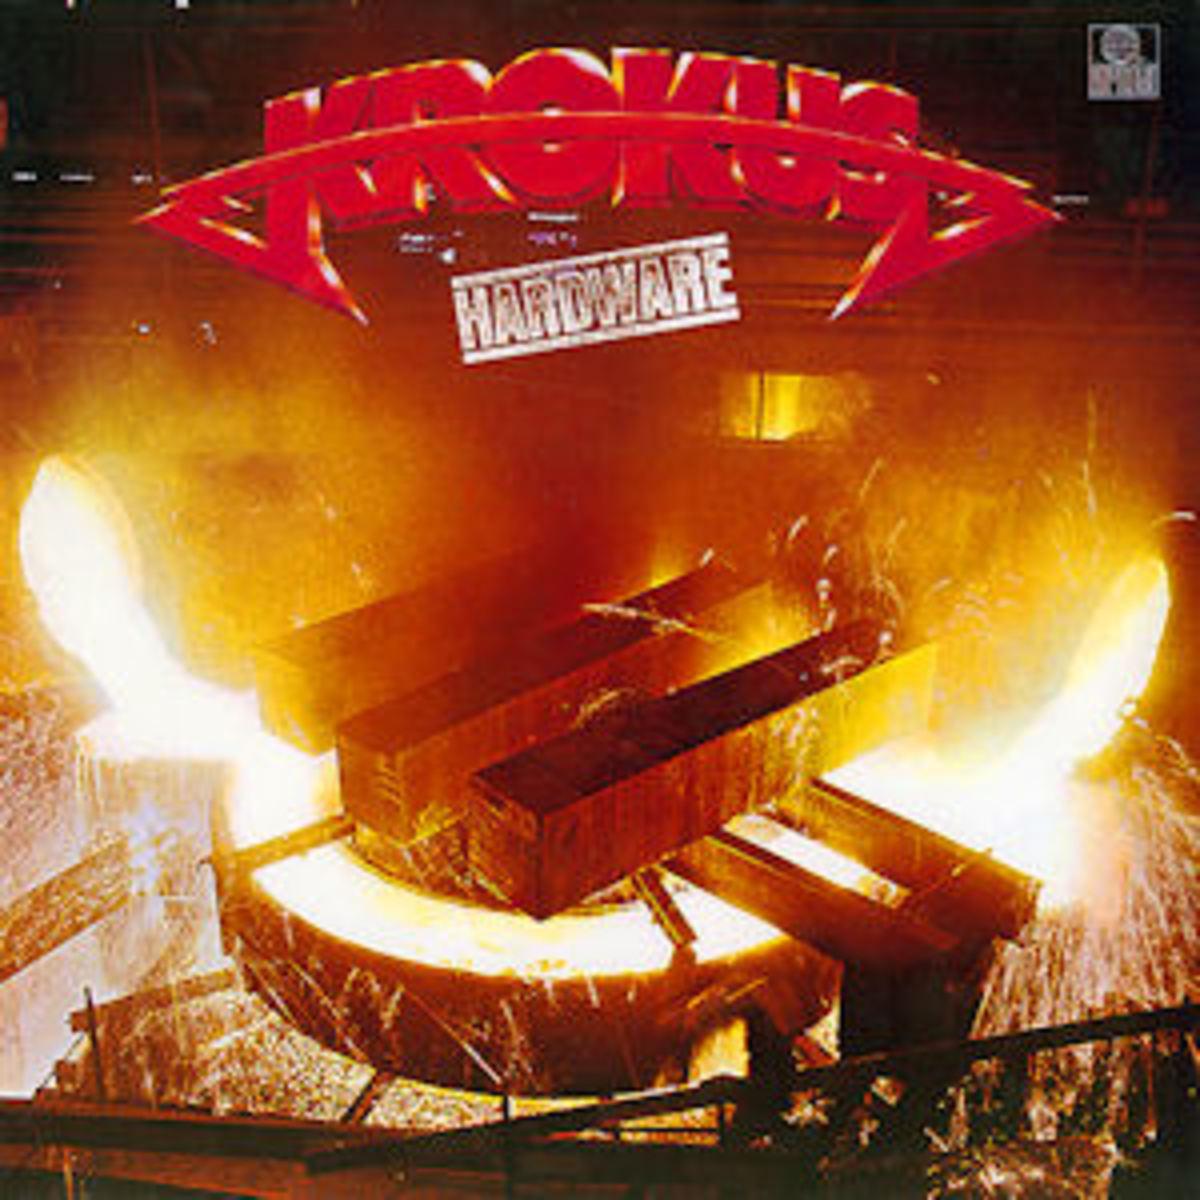 krokus-original-album-classics-review